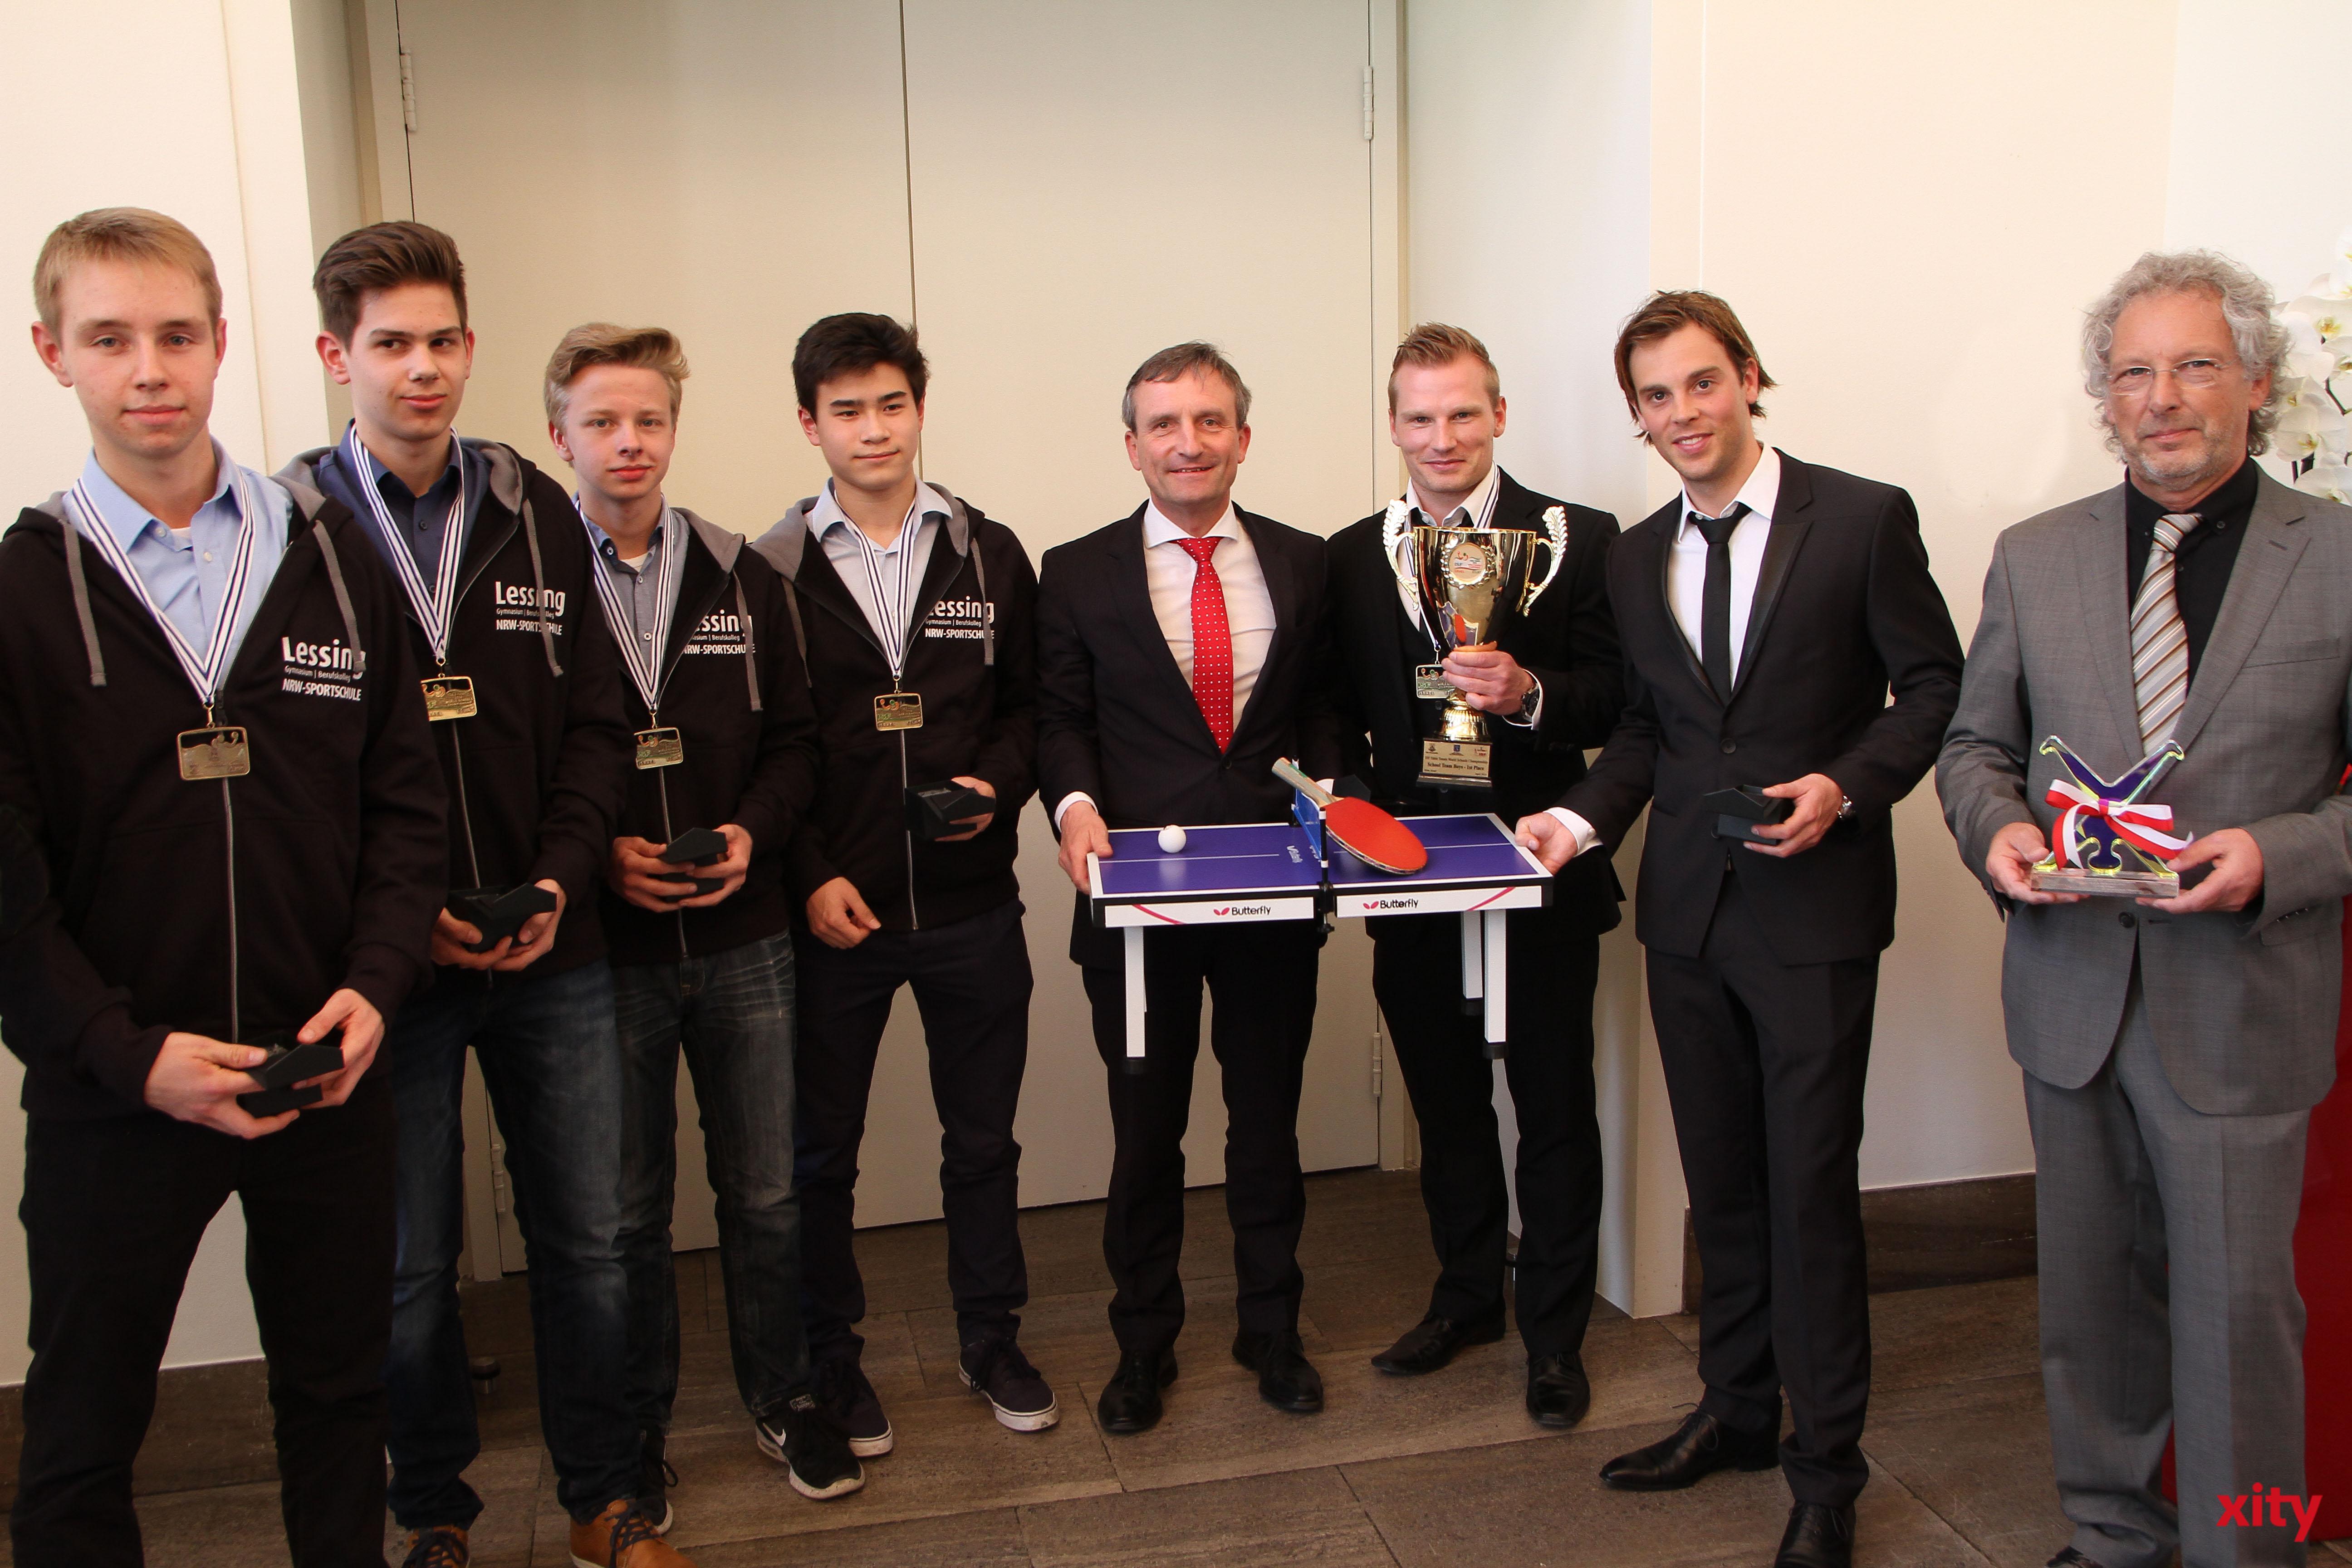 Das Team des Lessing-Gymnasiums holte den WM-Titel (Foto: xity)